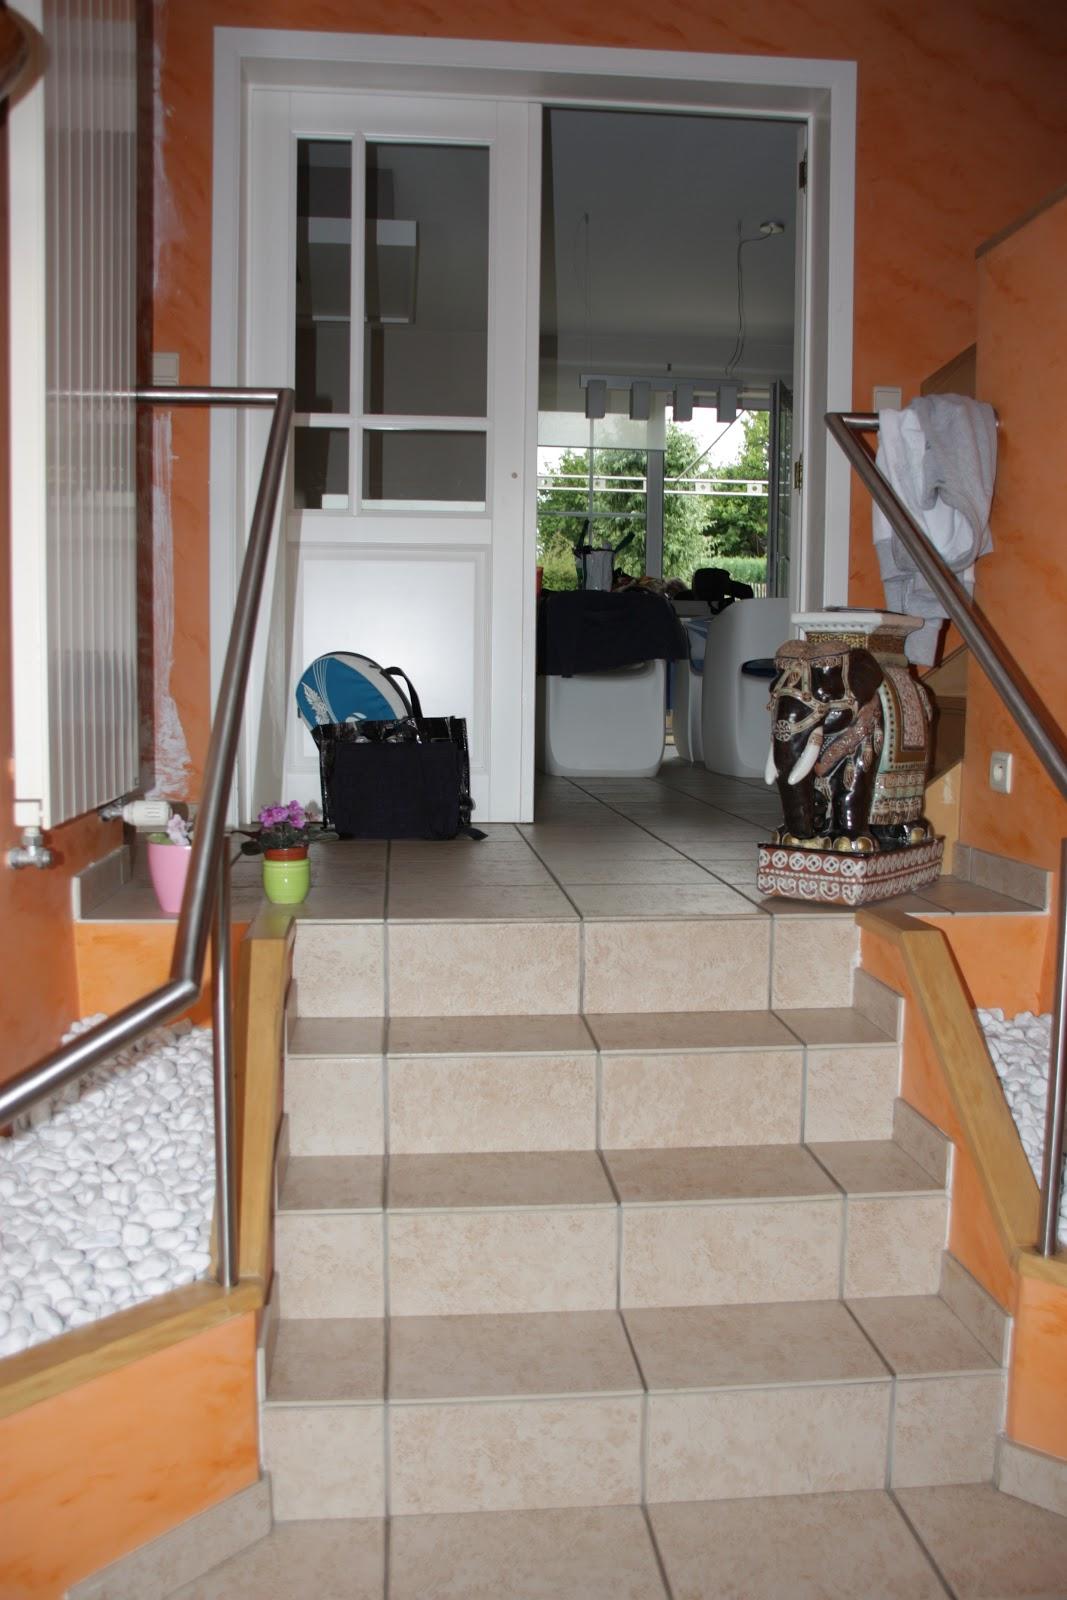 D coration et architecture d 39 int rieur hall et cage d - Deco cage escalier interieur ...